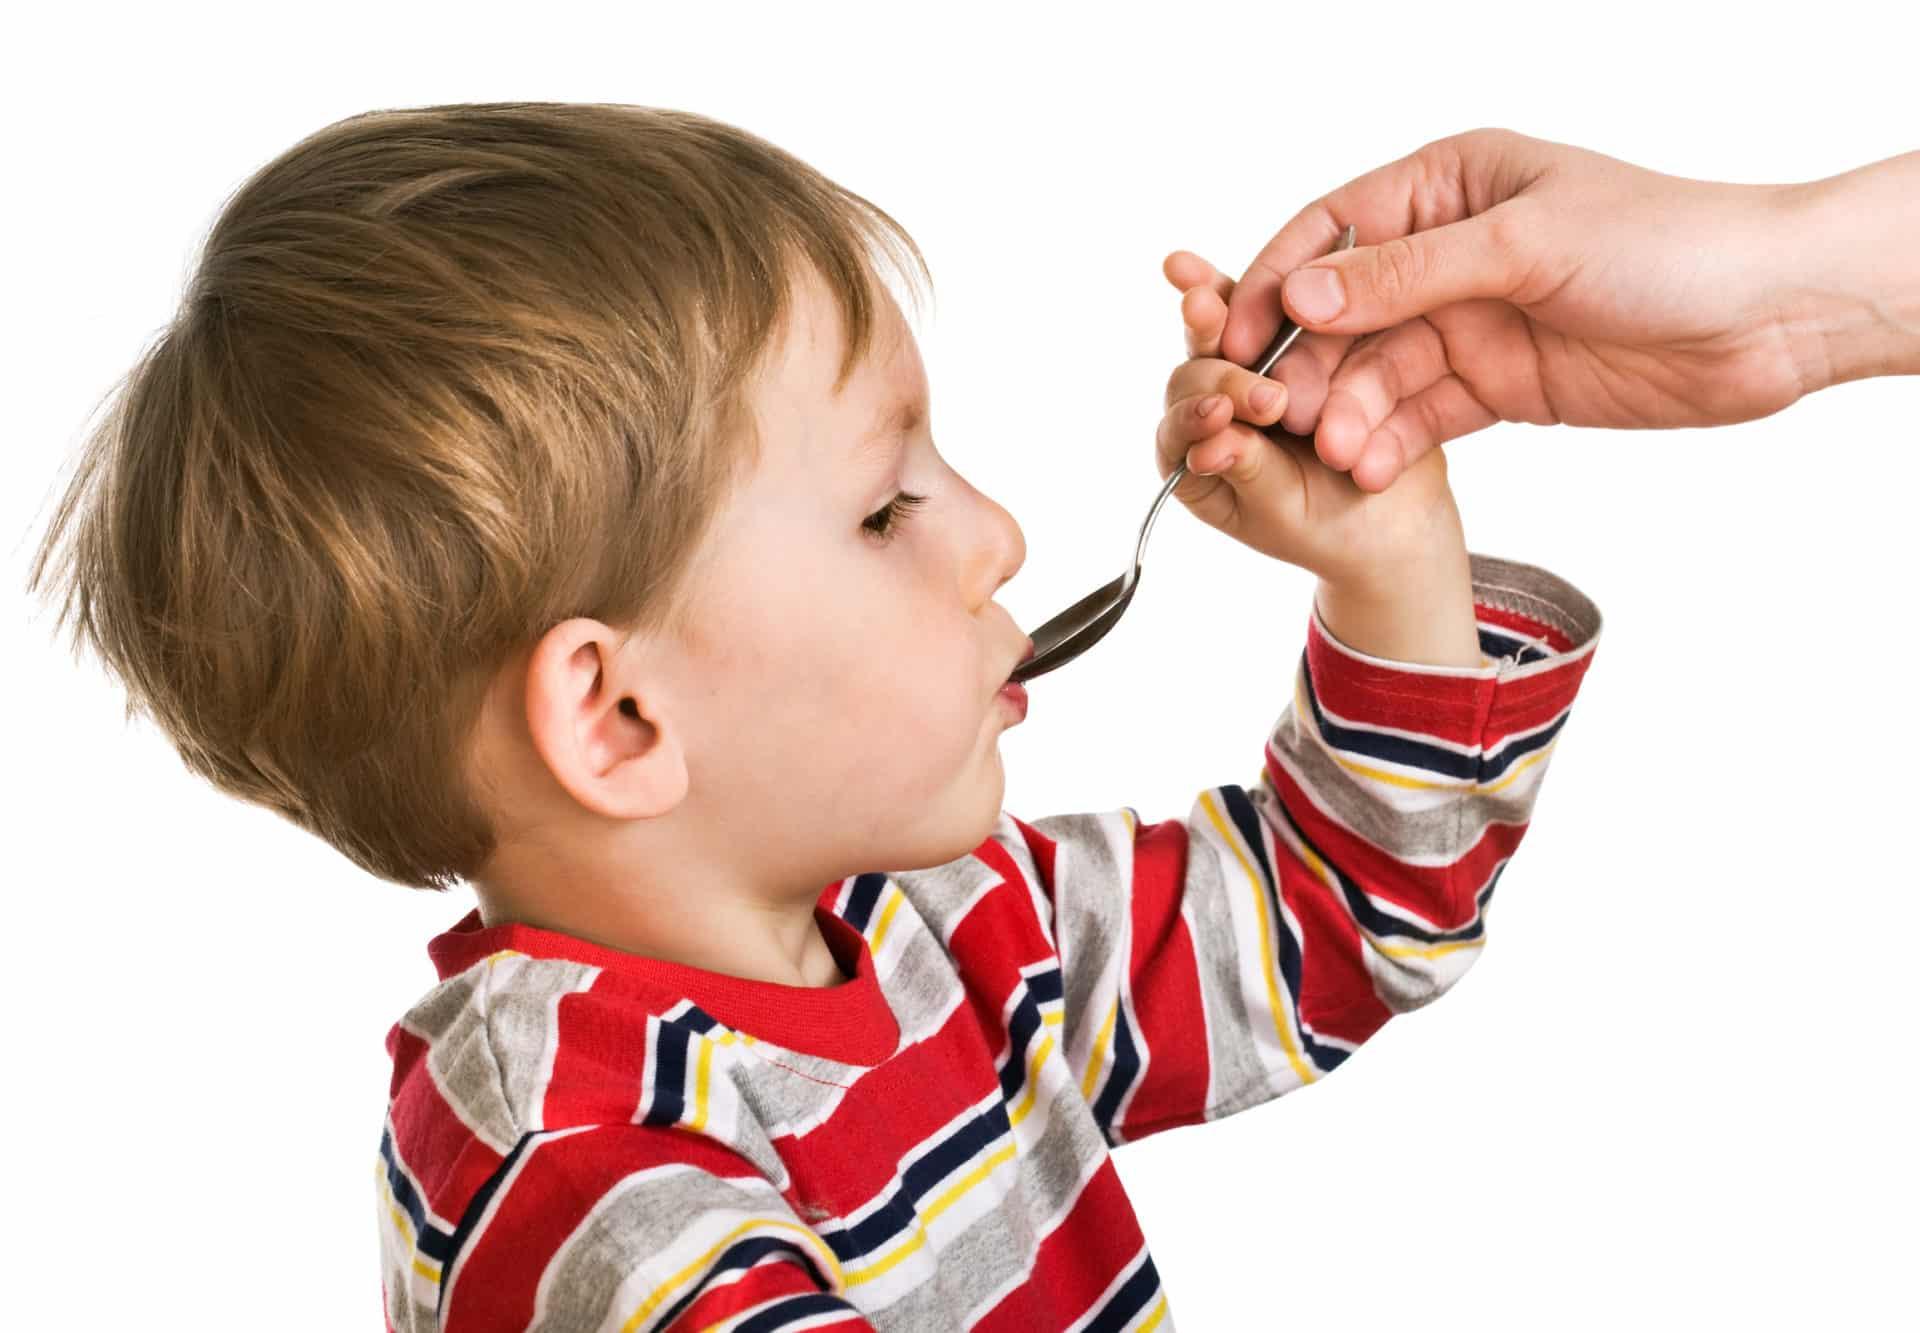 Сопли по задней стенке что делать ребенок 2 года thumbnail